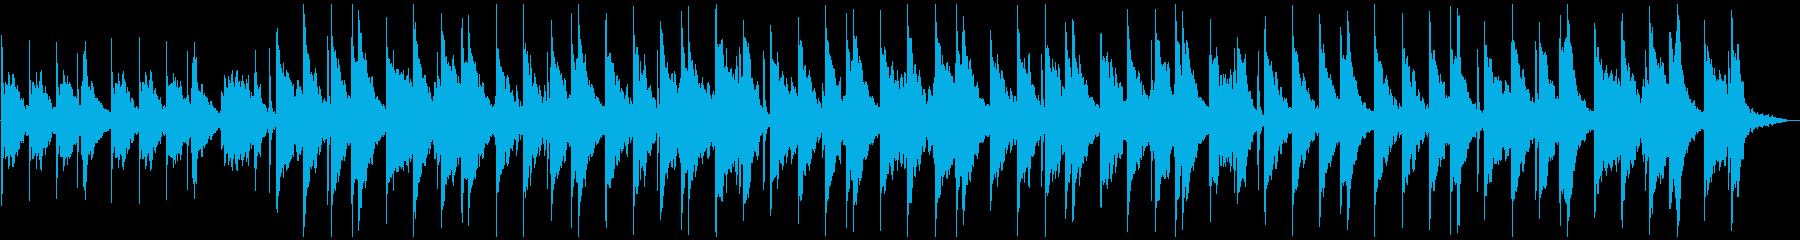 ヒーリングミュージックの再生済みの波形